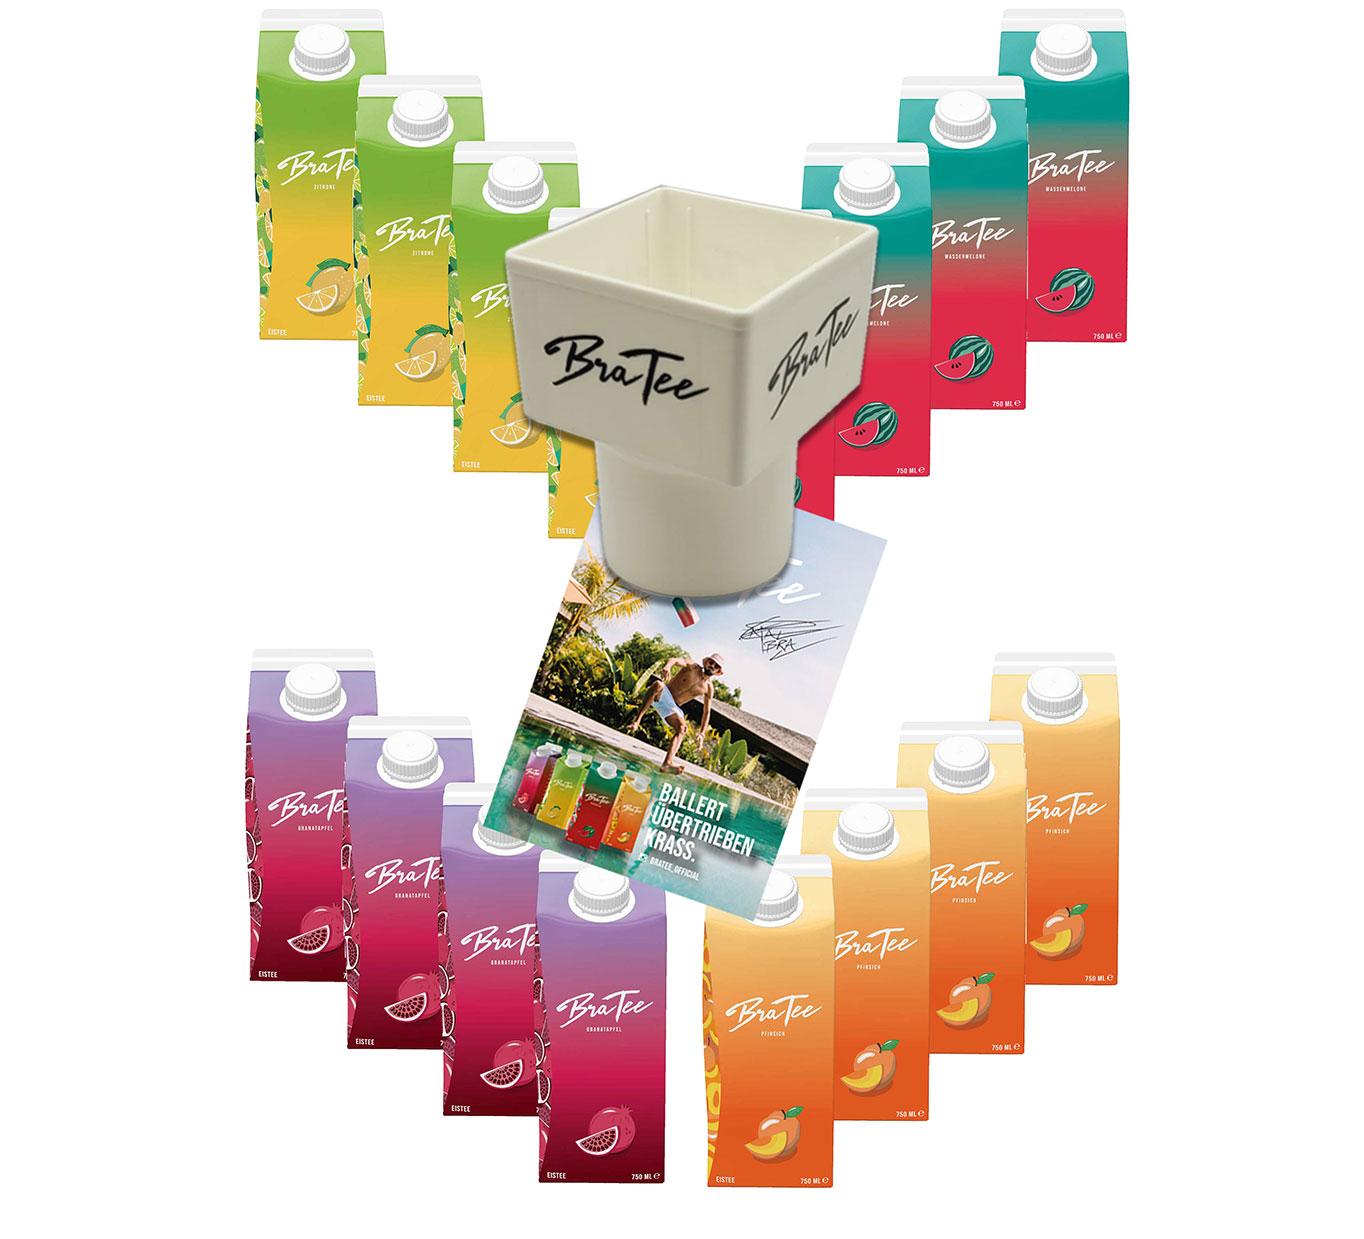 Capital BraTee 16er Tasting Set Eistee je 750ml + Gratis Getränkehalter + Autogrammkarte BRATEE Ice tea 4x Wassermelone 4x Zitrone 4x Pfirsich 4x Granatapfel - mit Capi-Qualitäts-Siegel